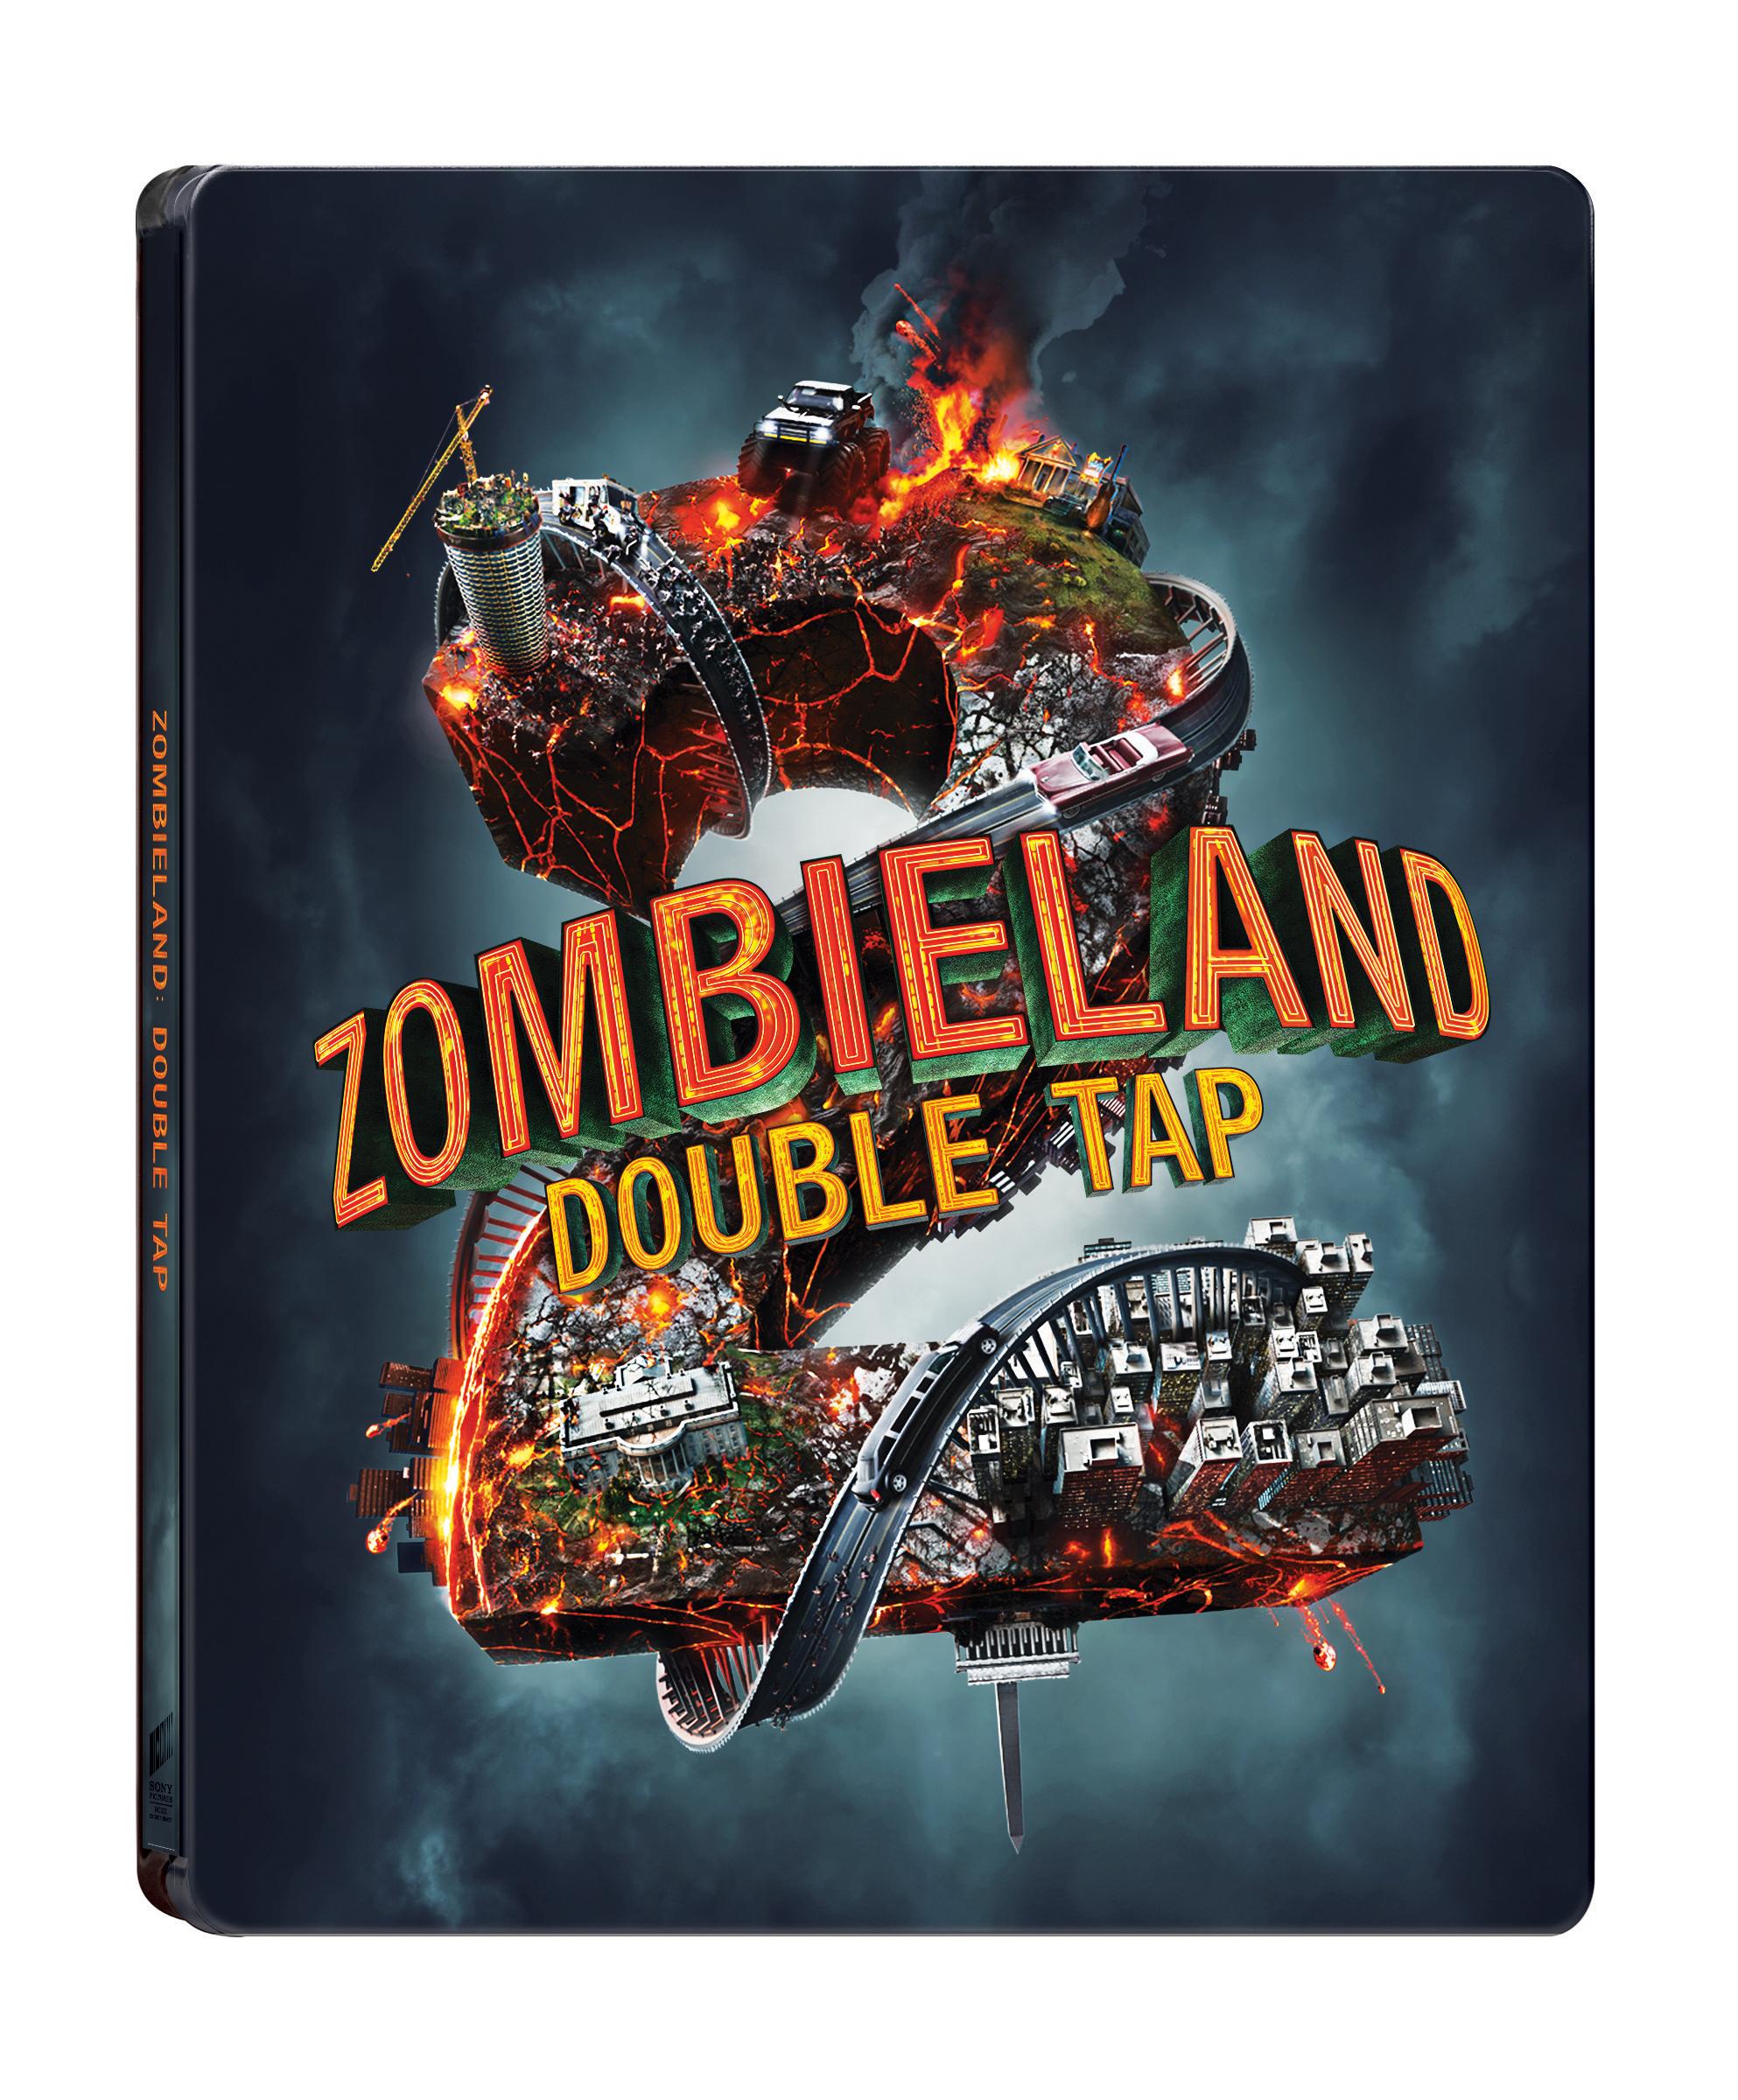 [Blu-ray] Zombieland: Double Tap 4K(2disc: 4K UHD+2D) Steelbook LE